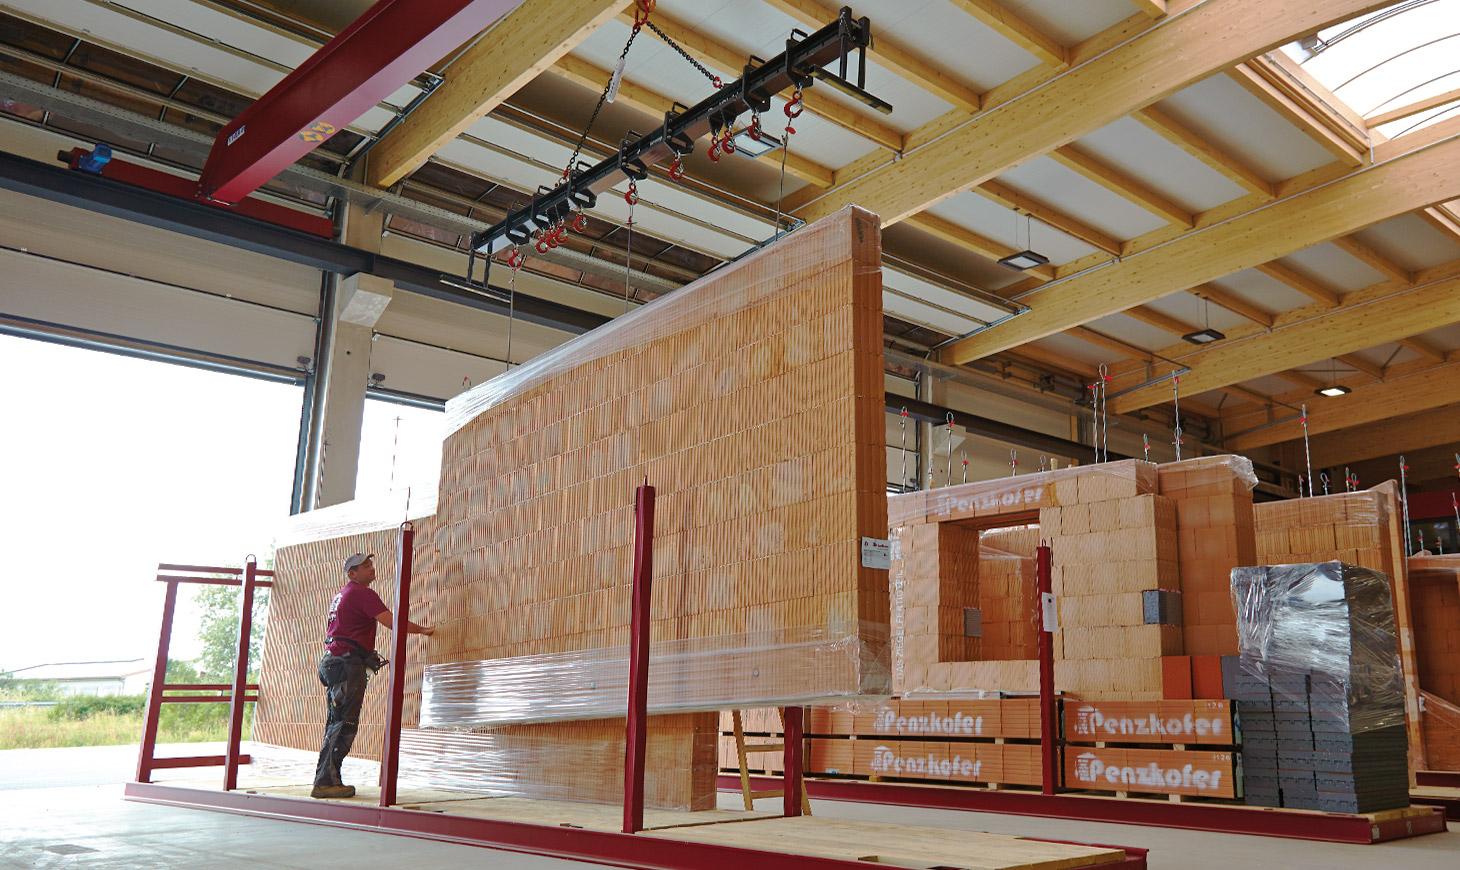 redbloc Ziegelfertigteil - 3 Mann produzieren bis zu 450 m2 Mauerwerk in einer Schicht und versetzen ca. 300 m2 Mauerwerk an einem Tag auf der Baustelle